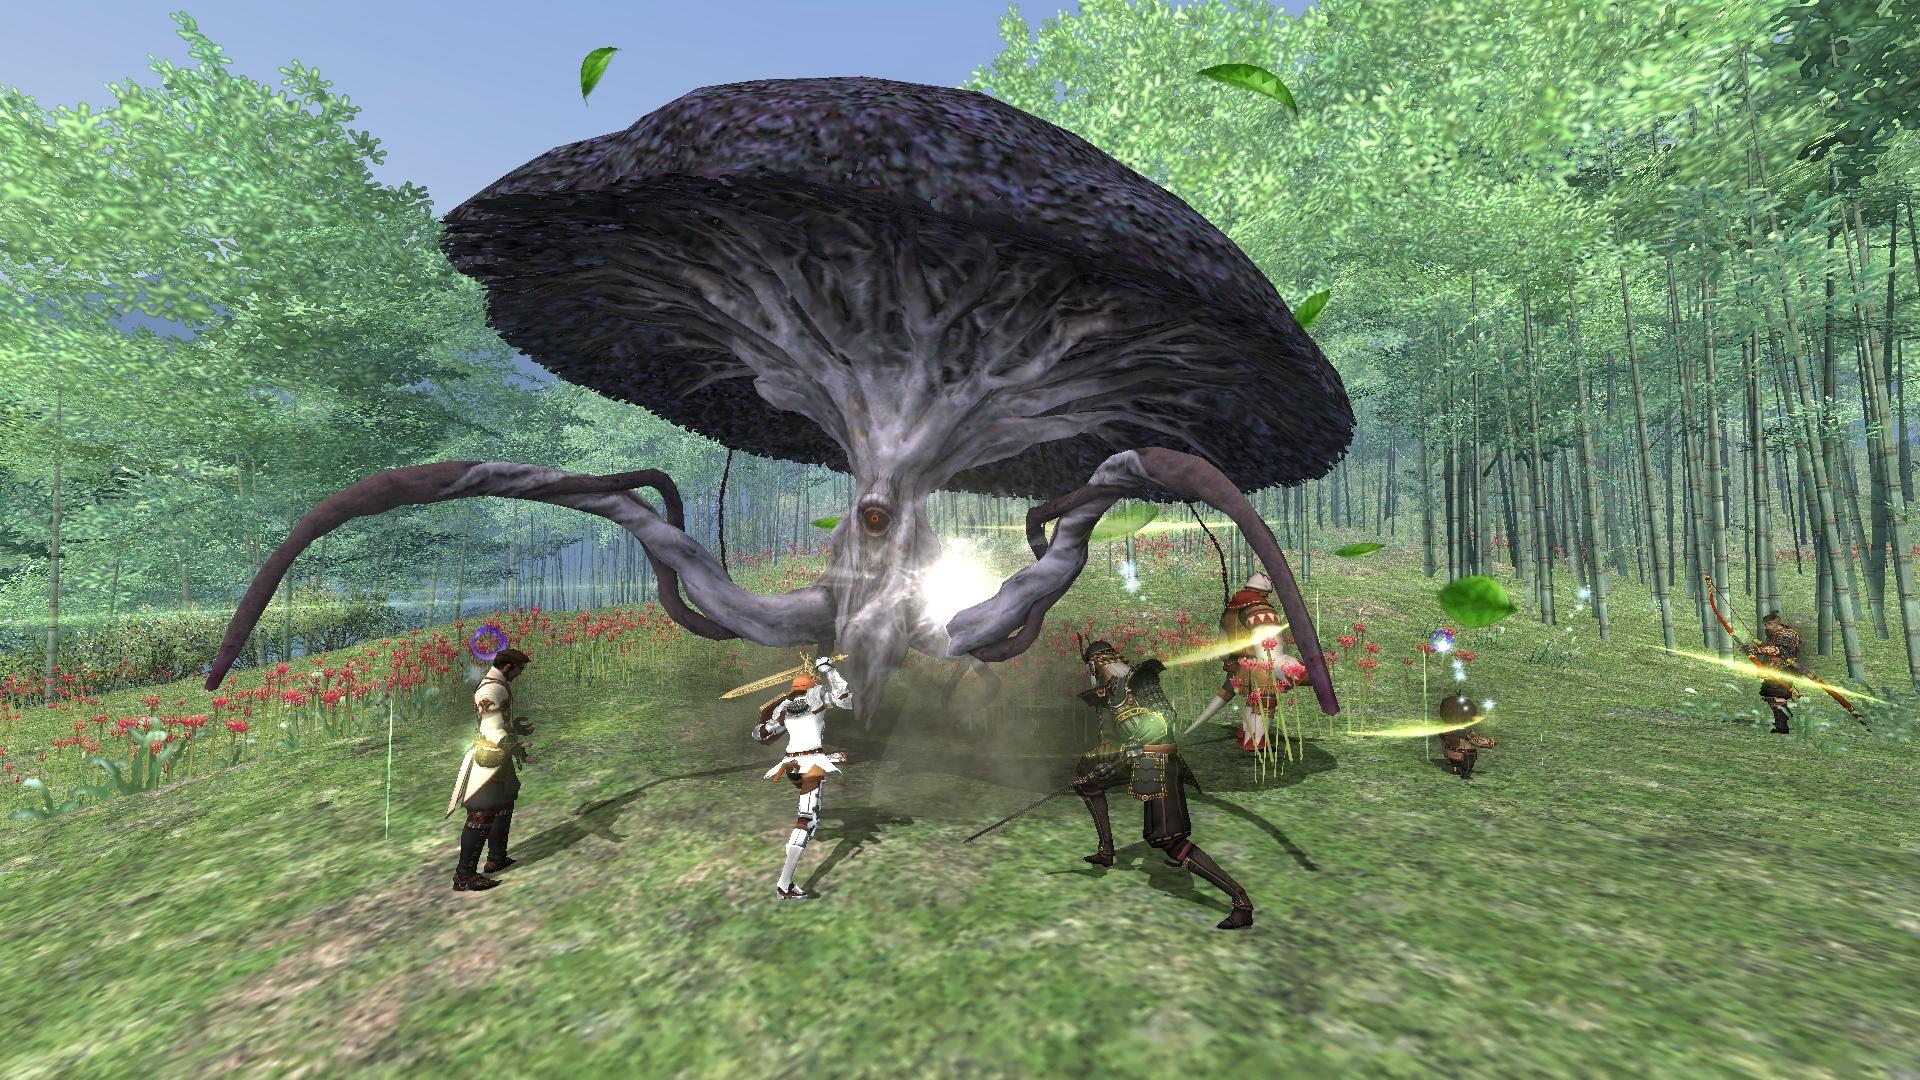 Final Fantasy XI Comes to a Close, Gets its Last Major